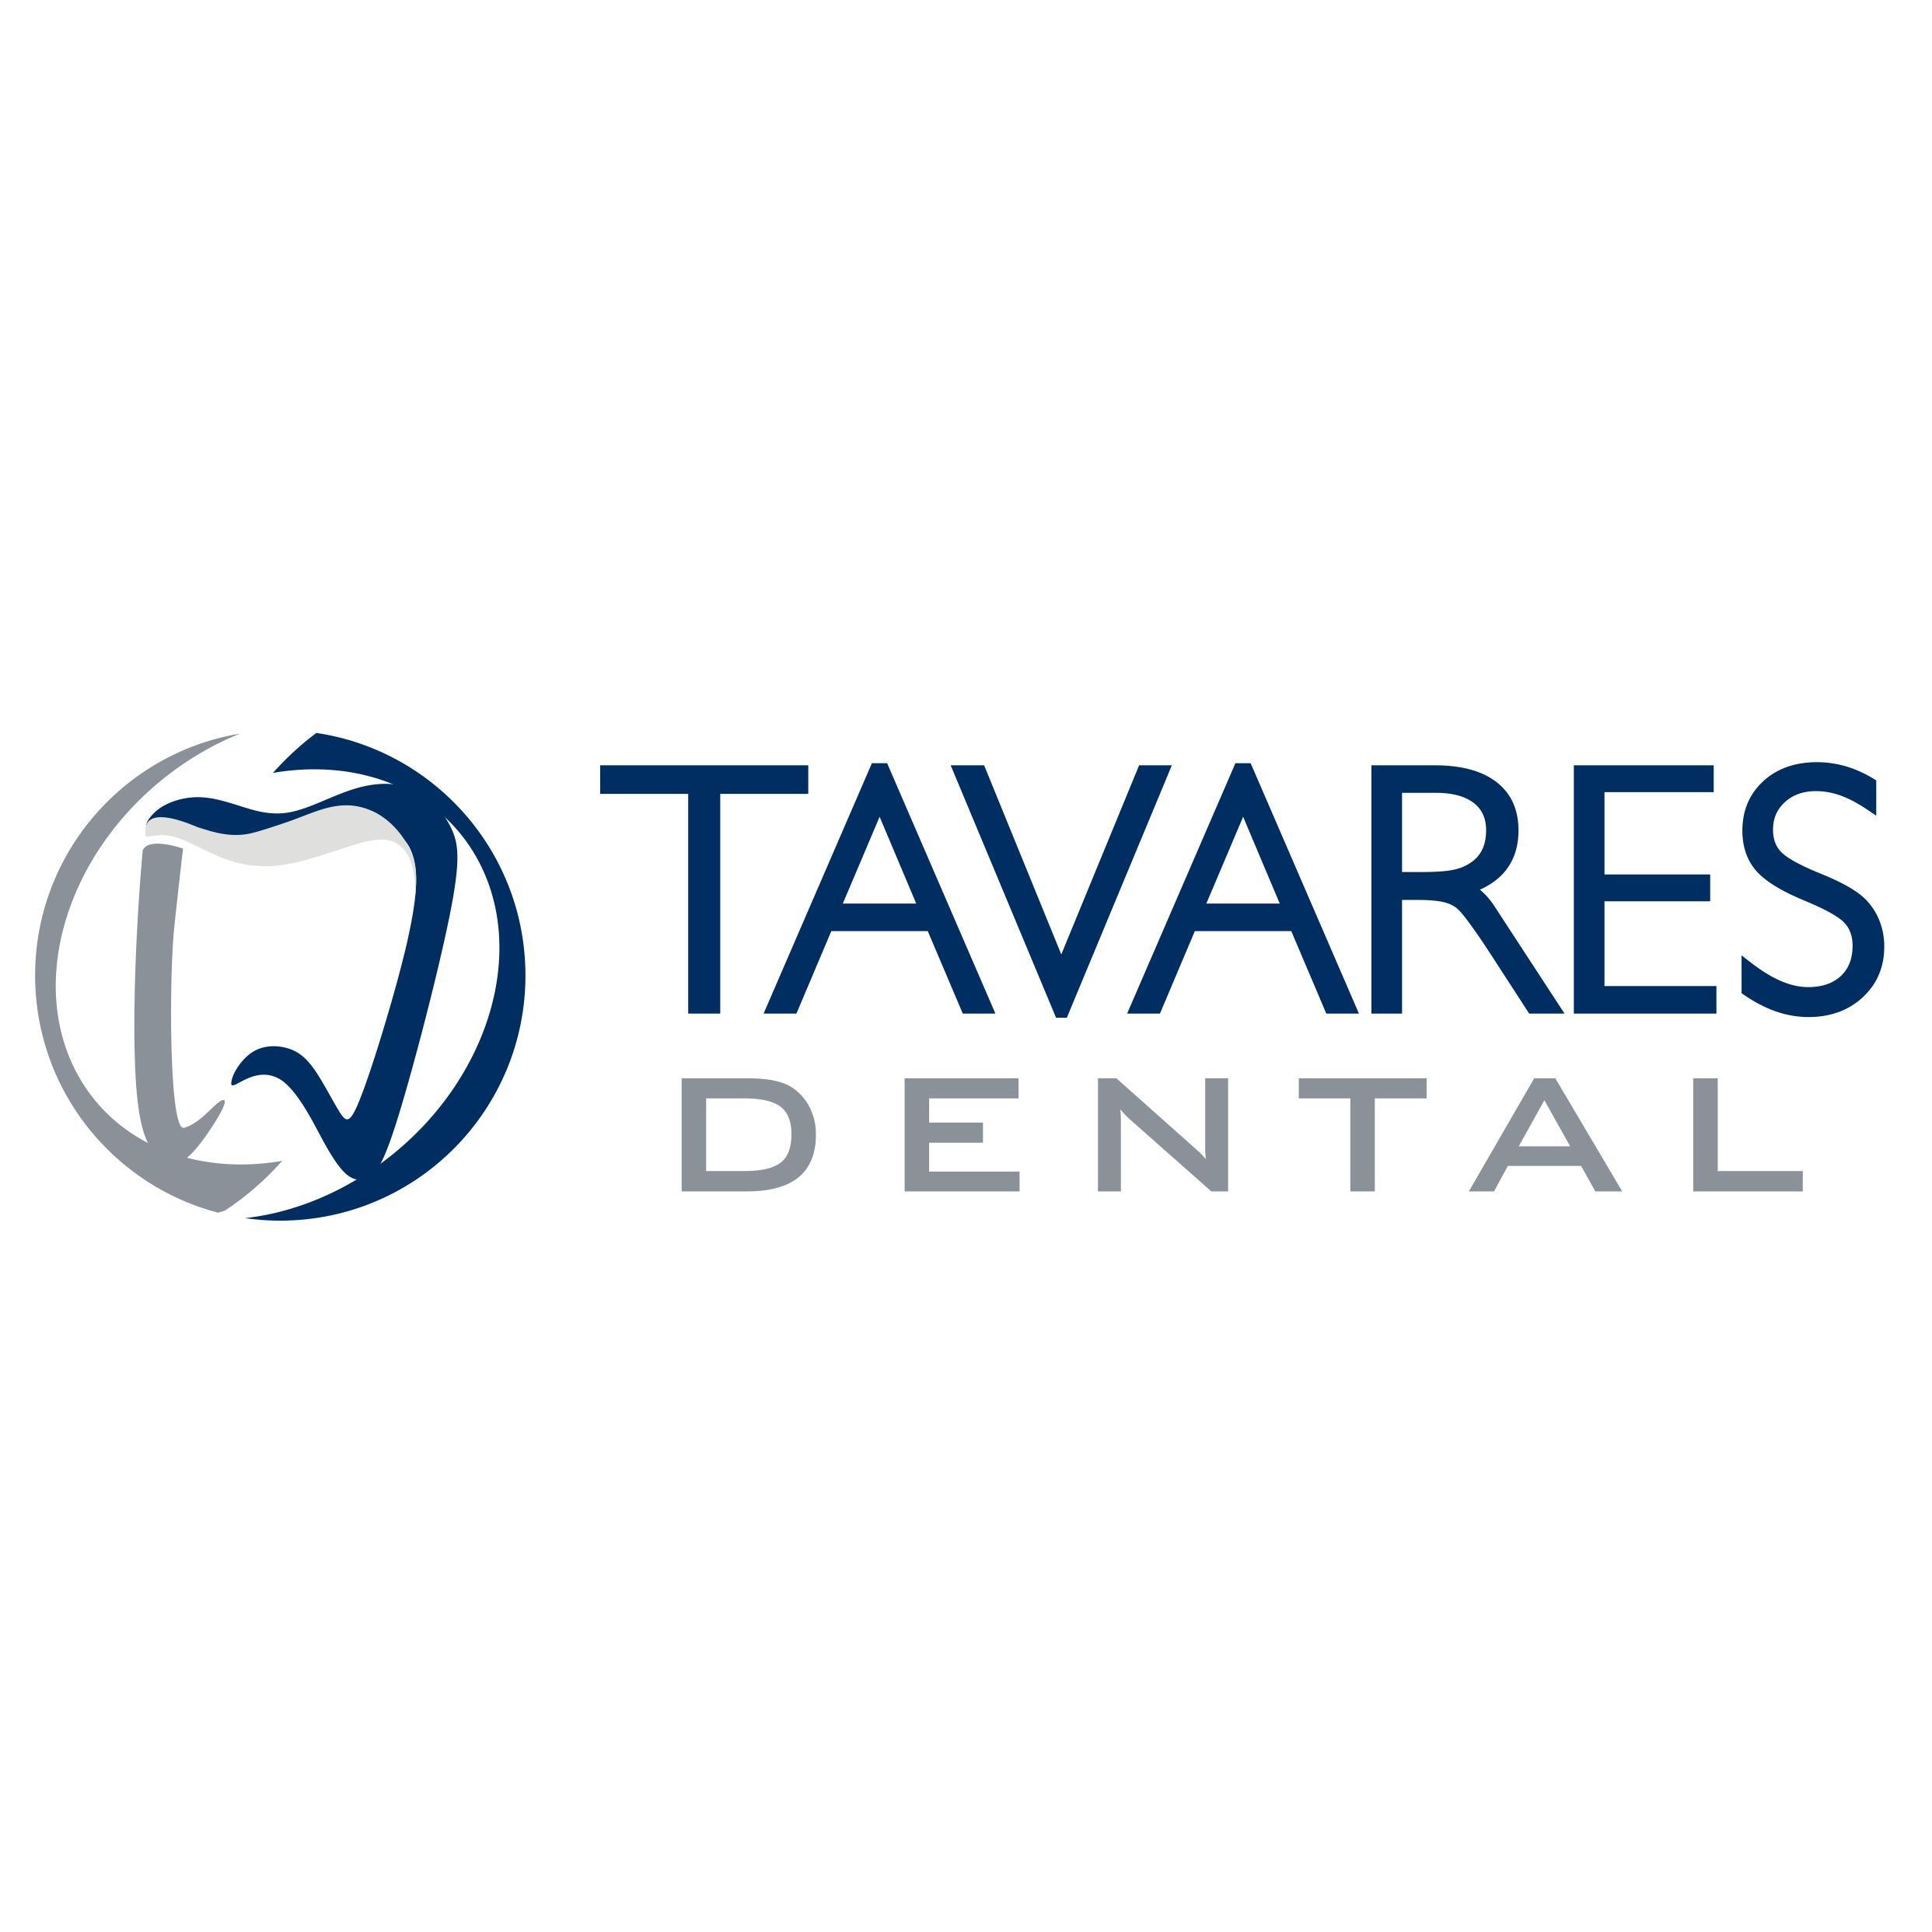 Tavares Dental - Tavares, FL 32778 - (352)343-2821   ShowMeLocal.com